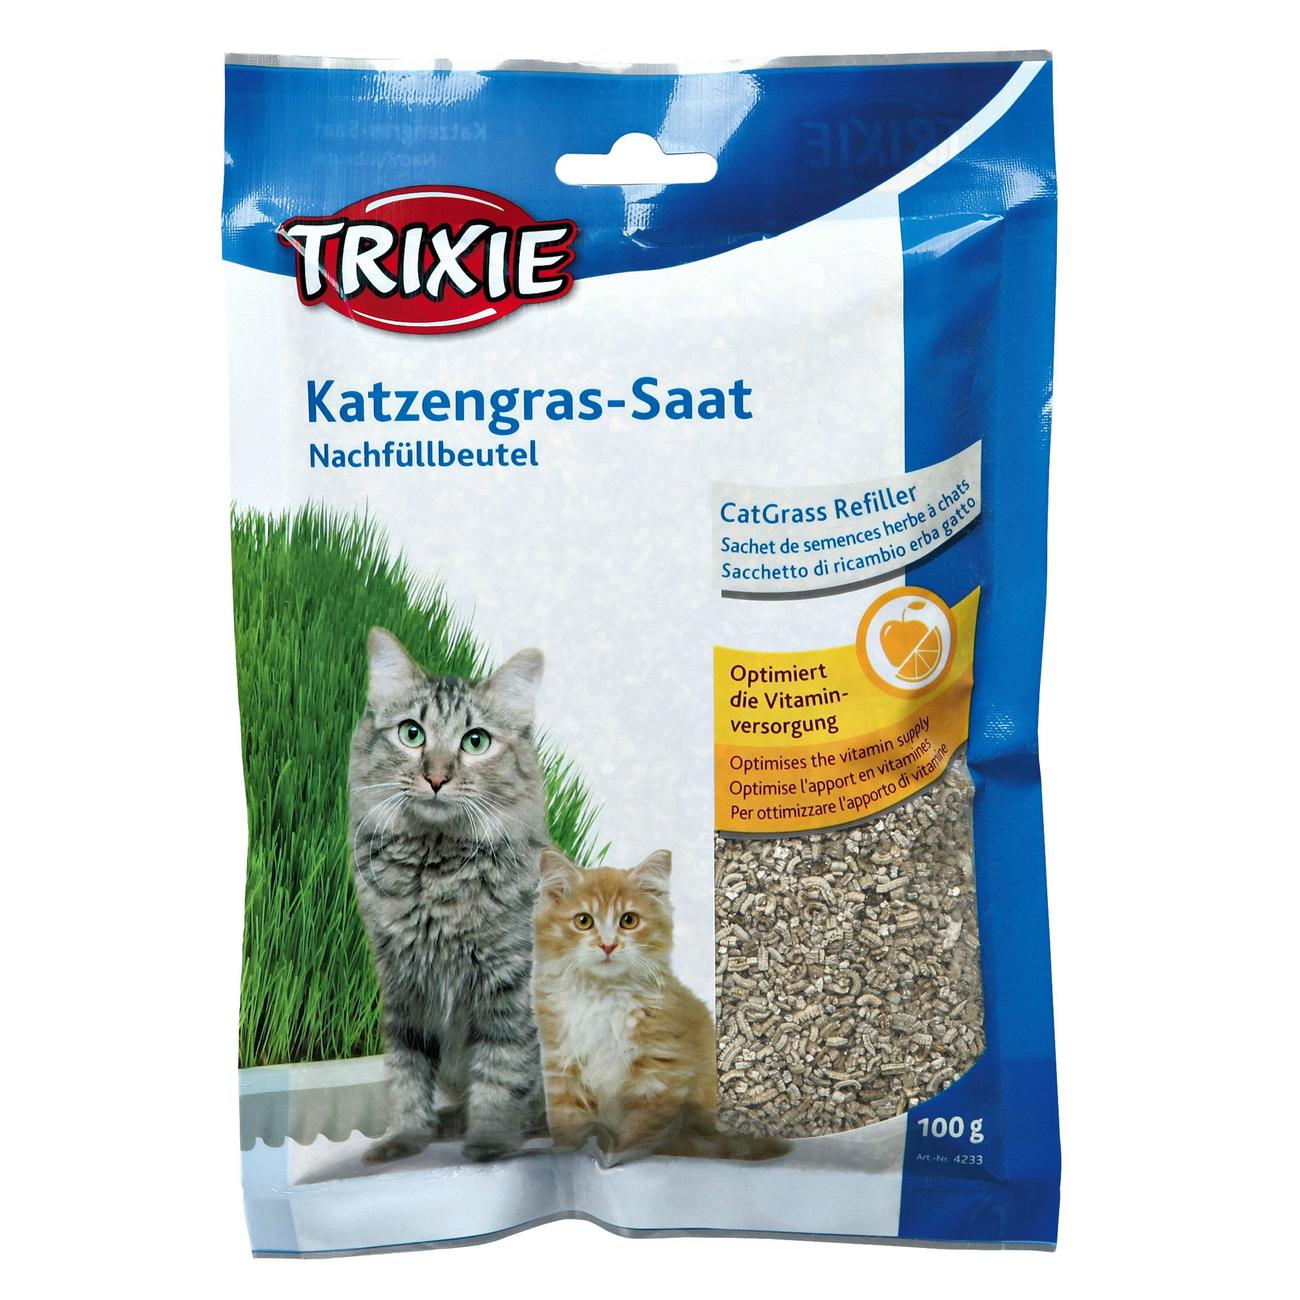 Trixie Katzengras Soft gras selber ziehen, Nachfüllbeutel, ca. 100 g